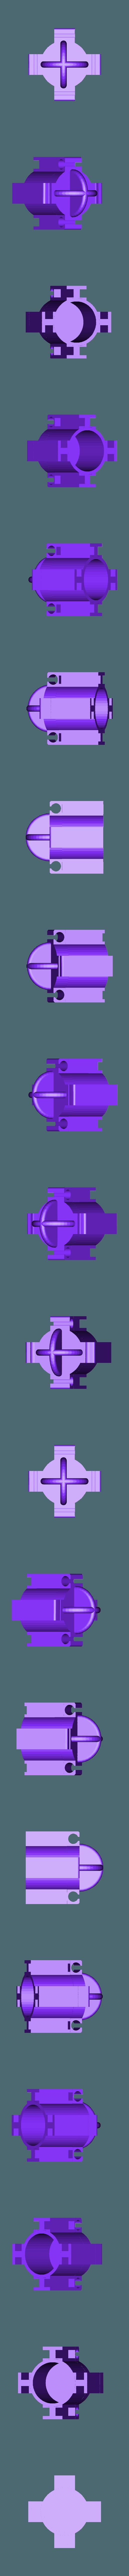 support haut senseo.stl Télécharger fichier STL Distributeur dosettes Senseo tournant • Plan pour imprimante 3D, lbopok